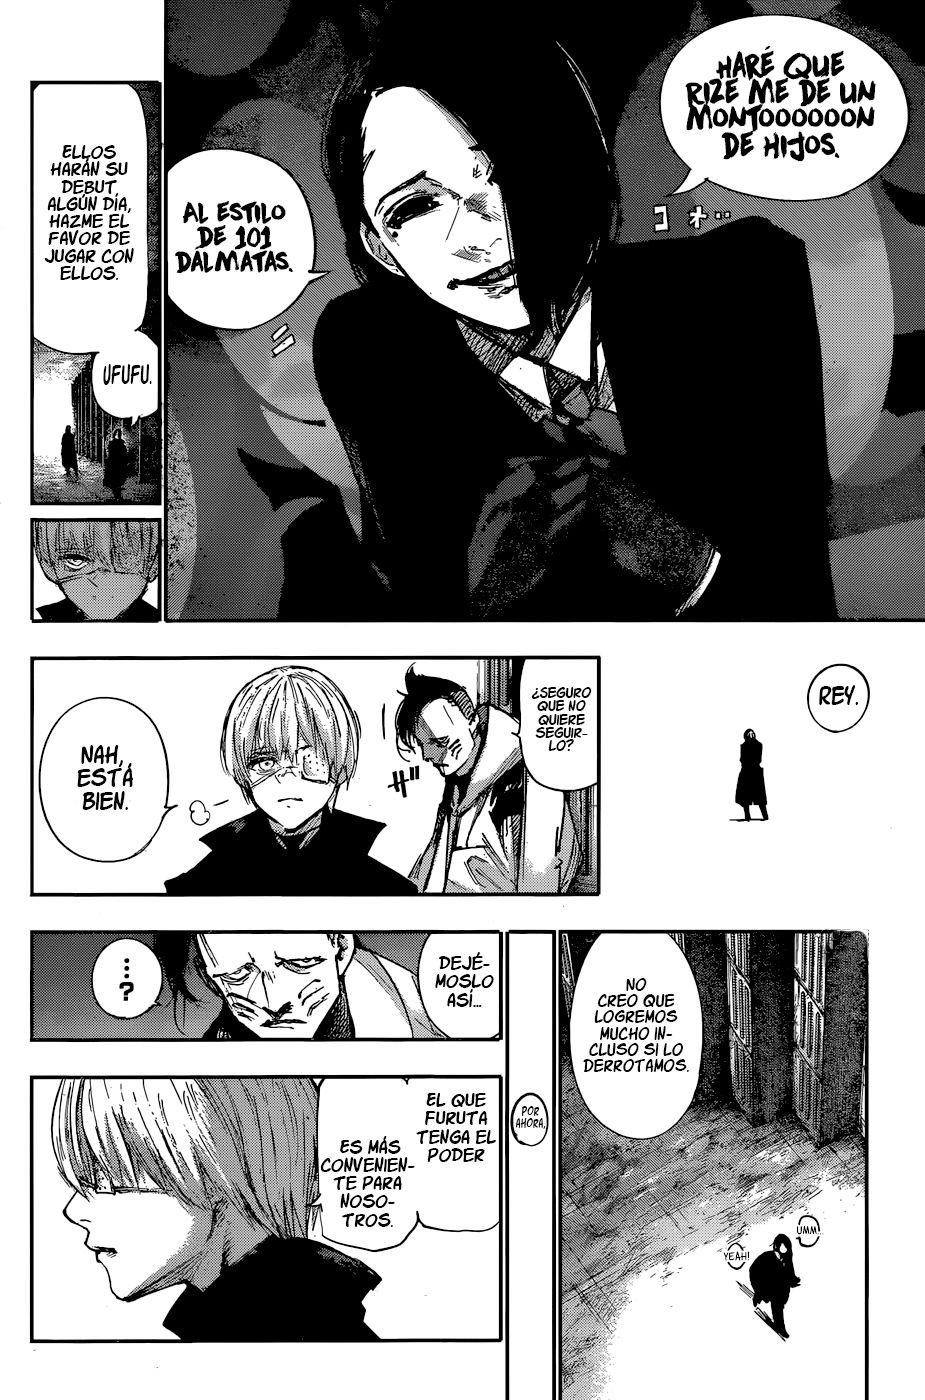 http://c5.ninemanga.com/es_manga/pic2/59/59/516653/0b11c352441ba1175eb0ad051794f803.jpg Page 8